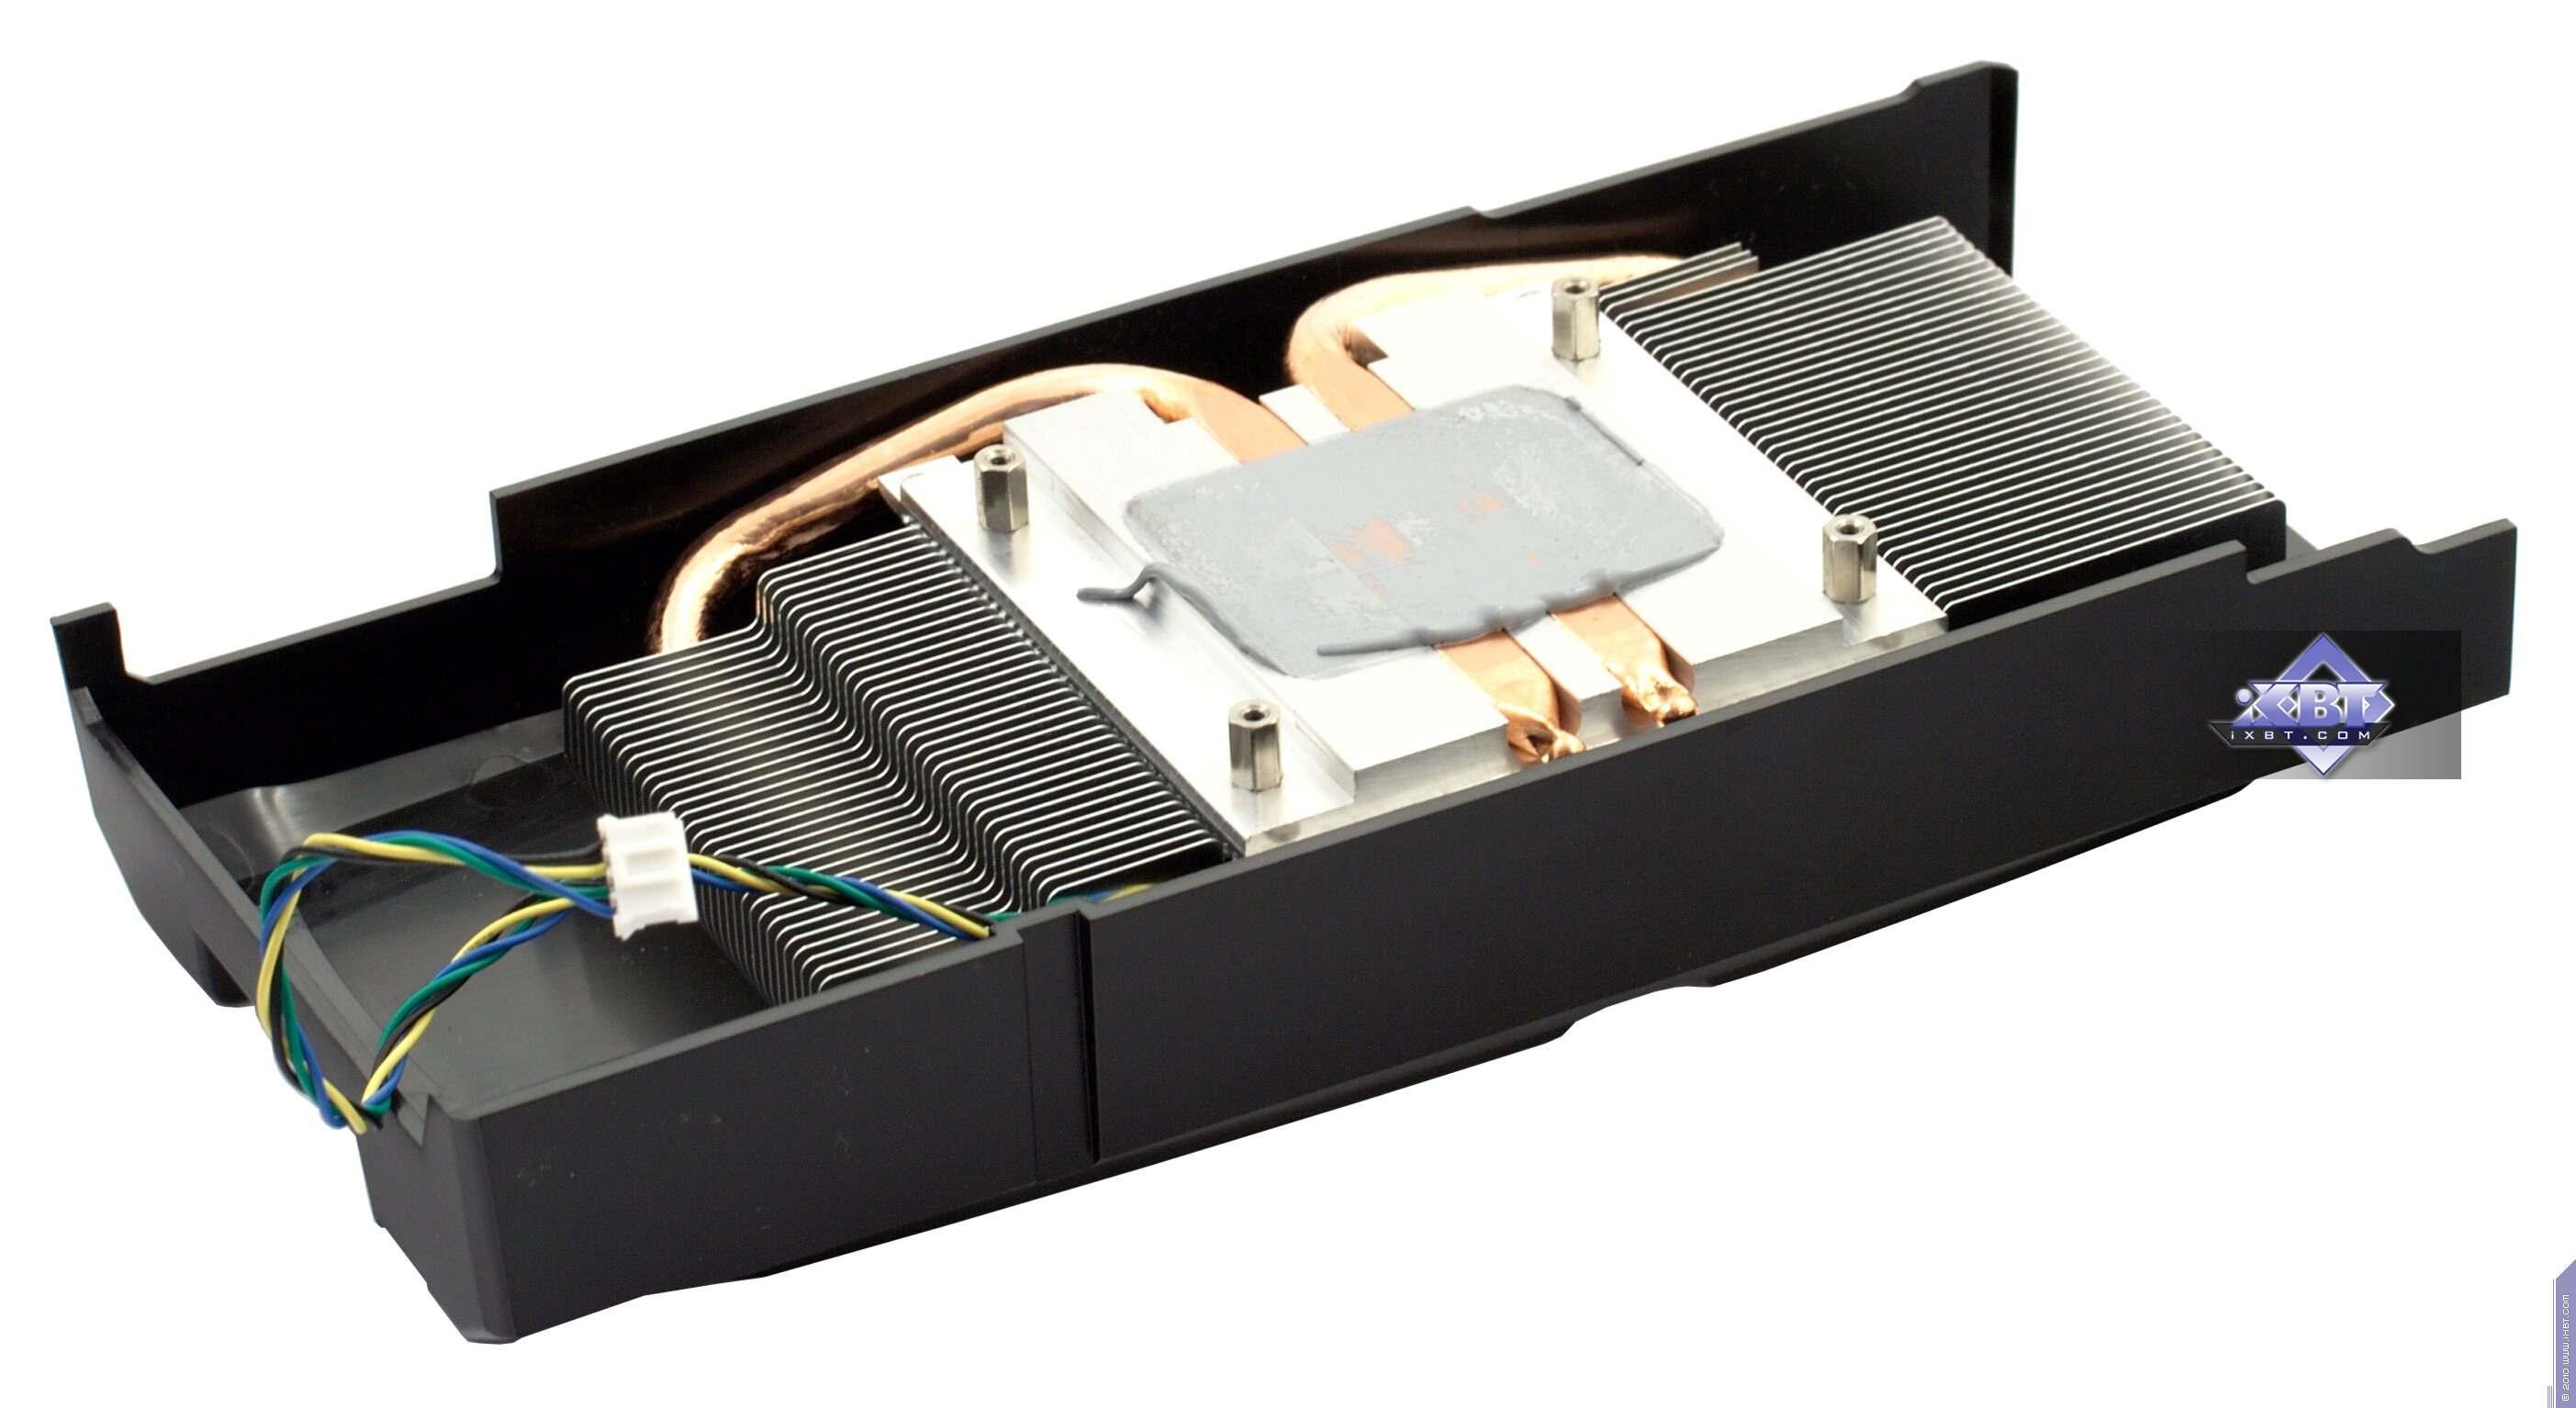 Palit Geforce Gtx 460 Выбор Блока Питания